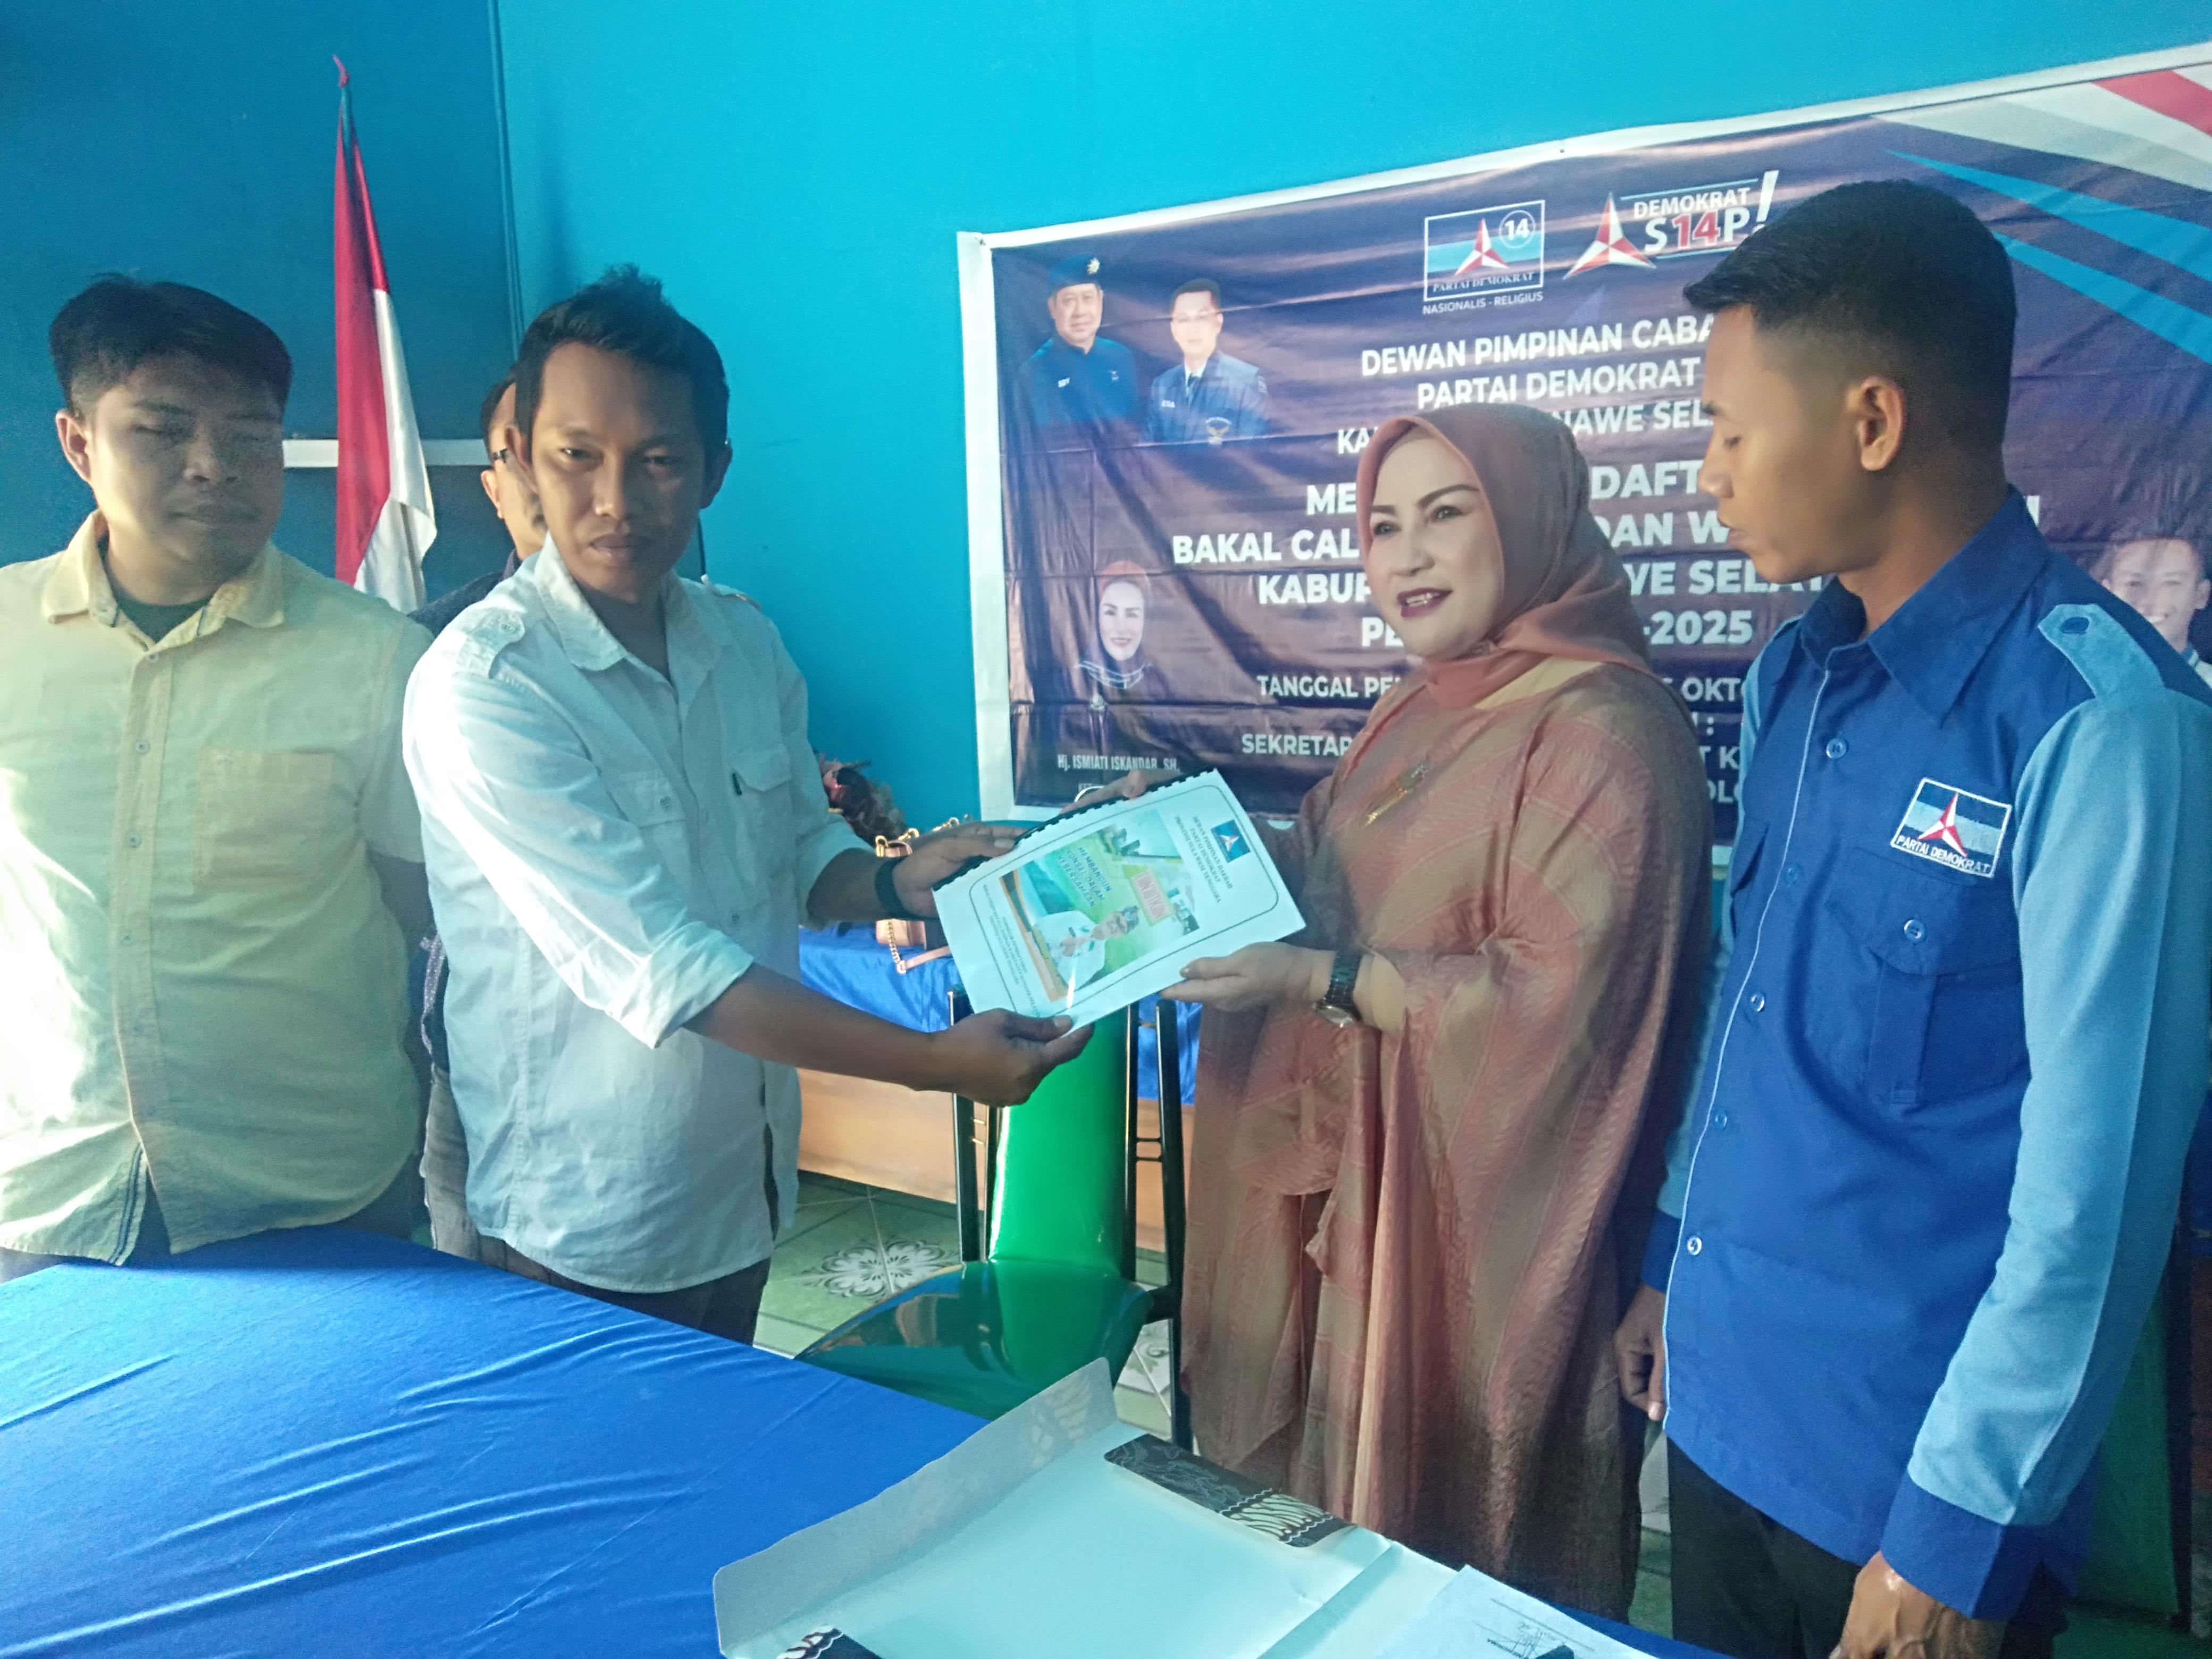 Ketgam : Tim Pemenangan Surunuddin, Nanang Supratman saat mengembalikan formulir Bacabup ke Tim Penjaringan DPC Demokrat Konsel.